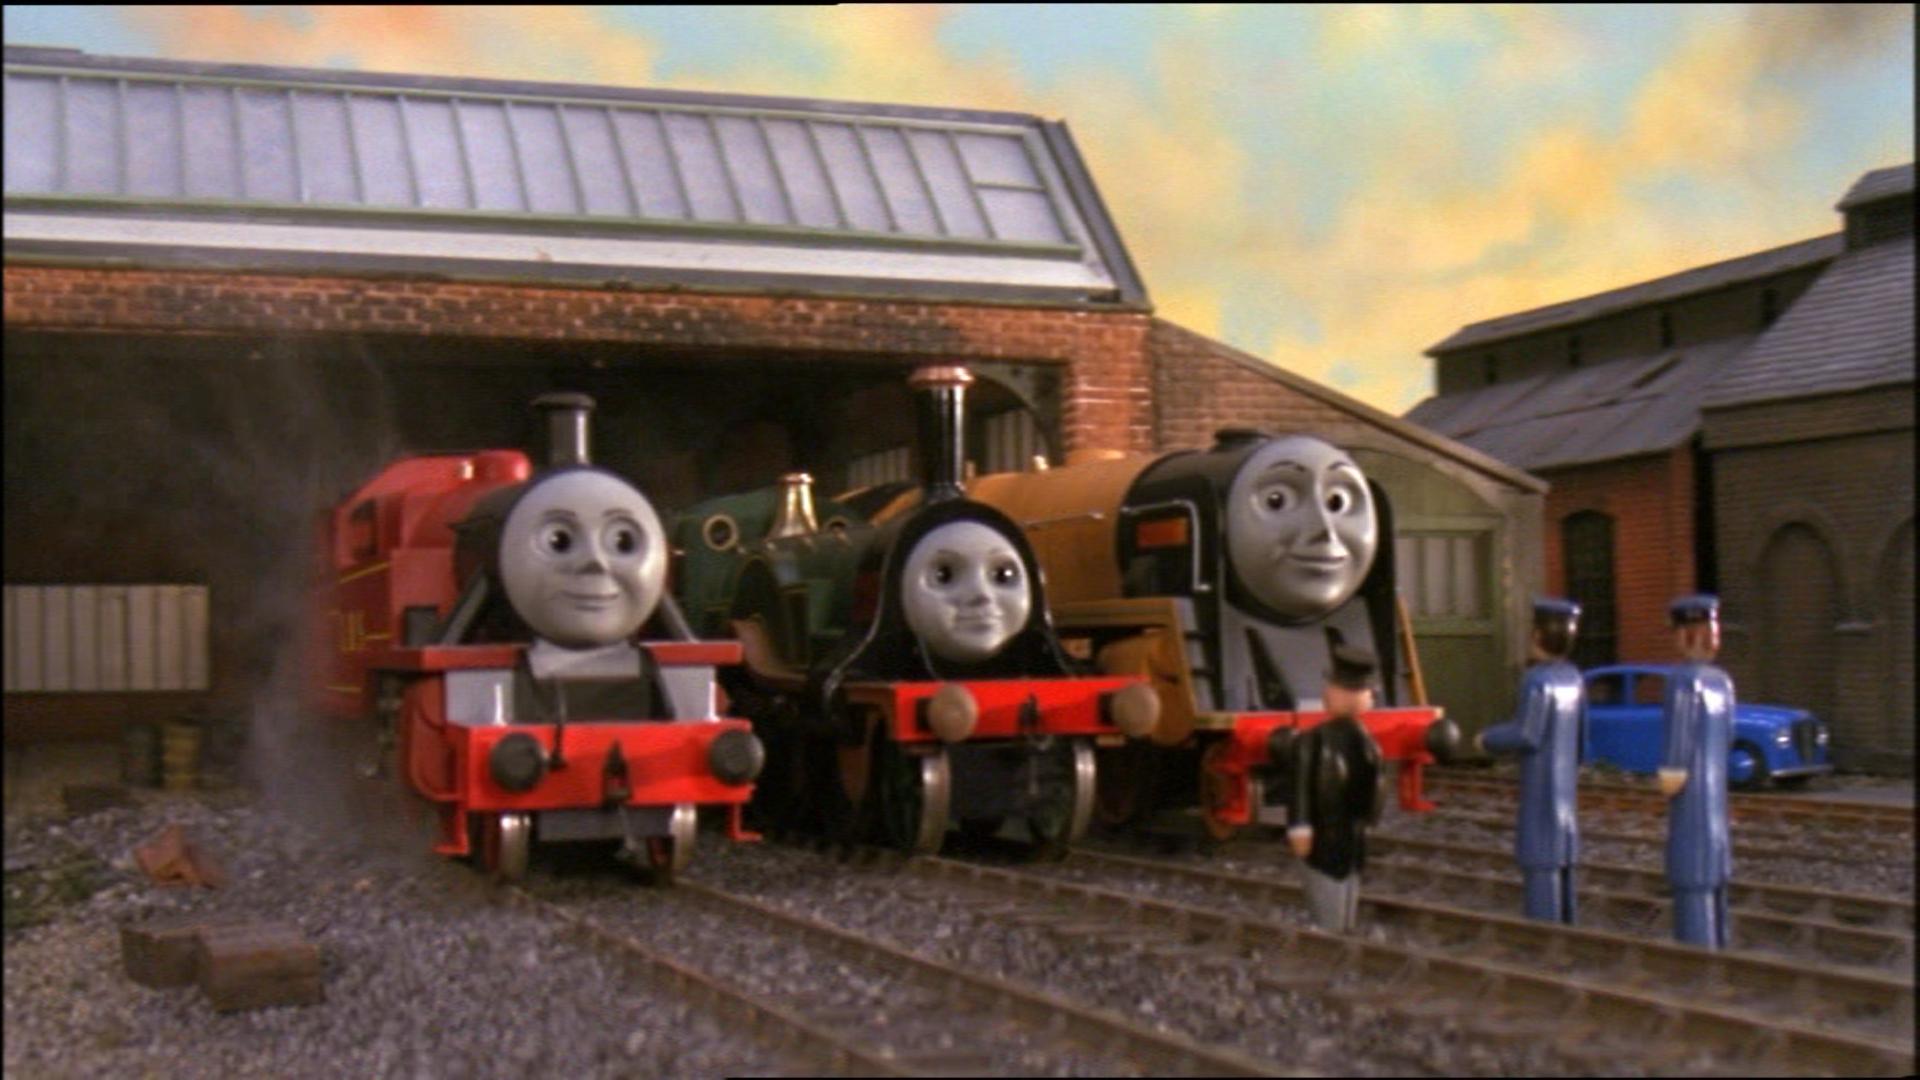 Knapford Sheds Thomas The Tank Engine Wikia Fandom